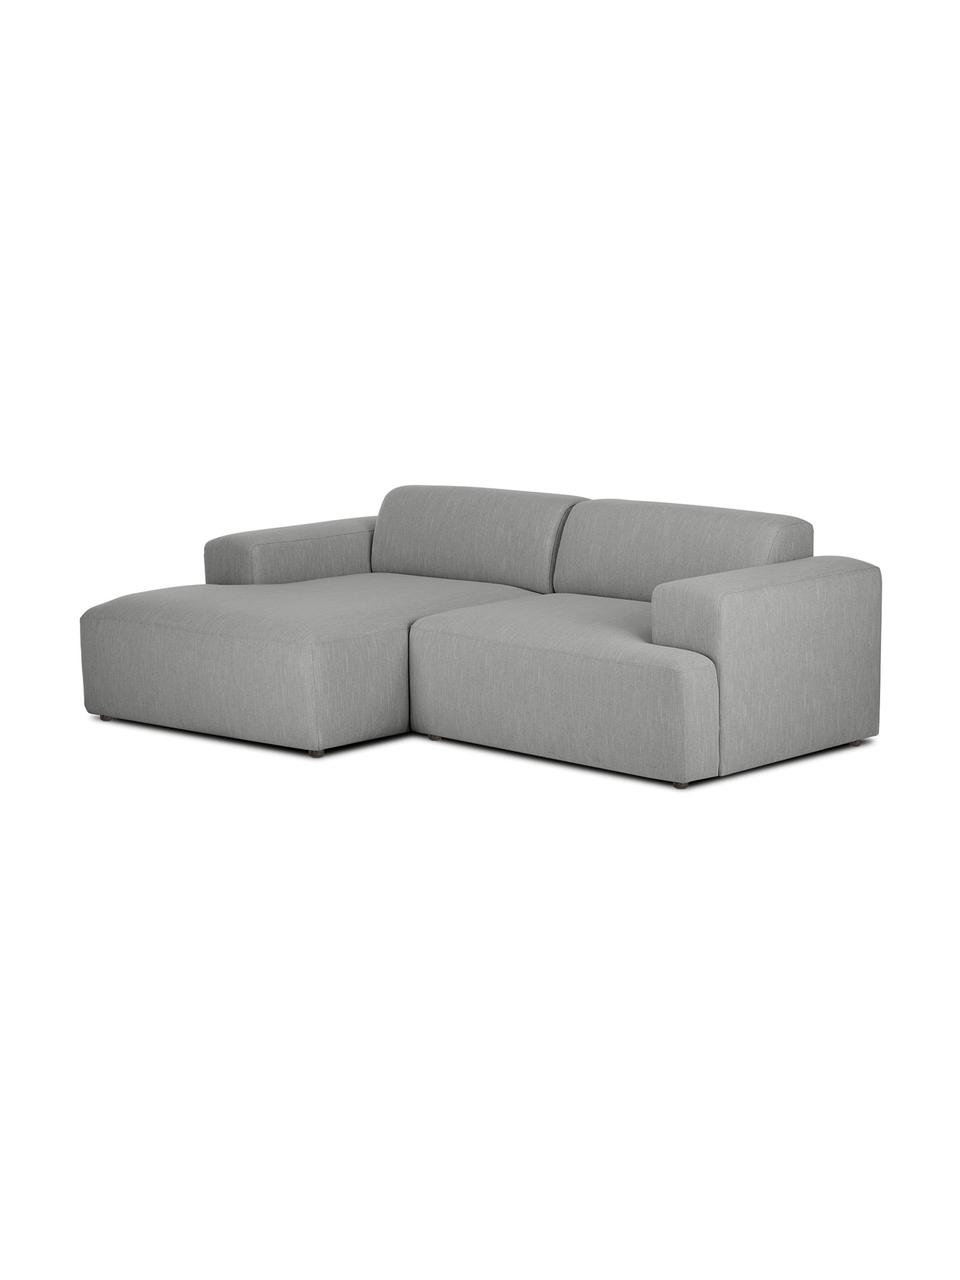 Canapé d'angle 3places gris Melva, Tissu gris